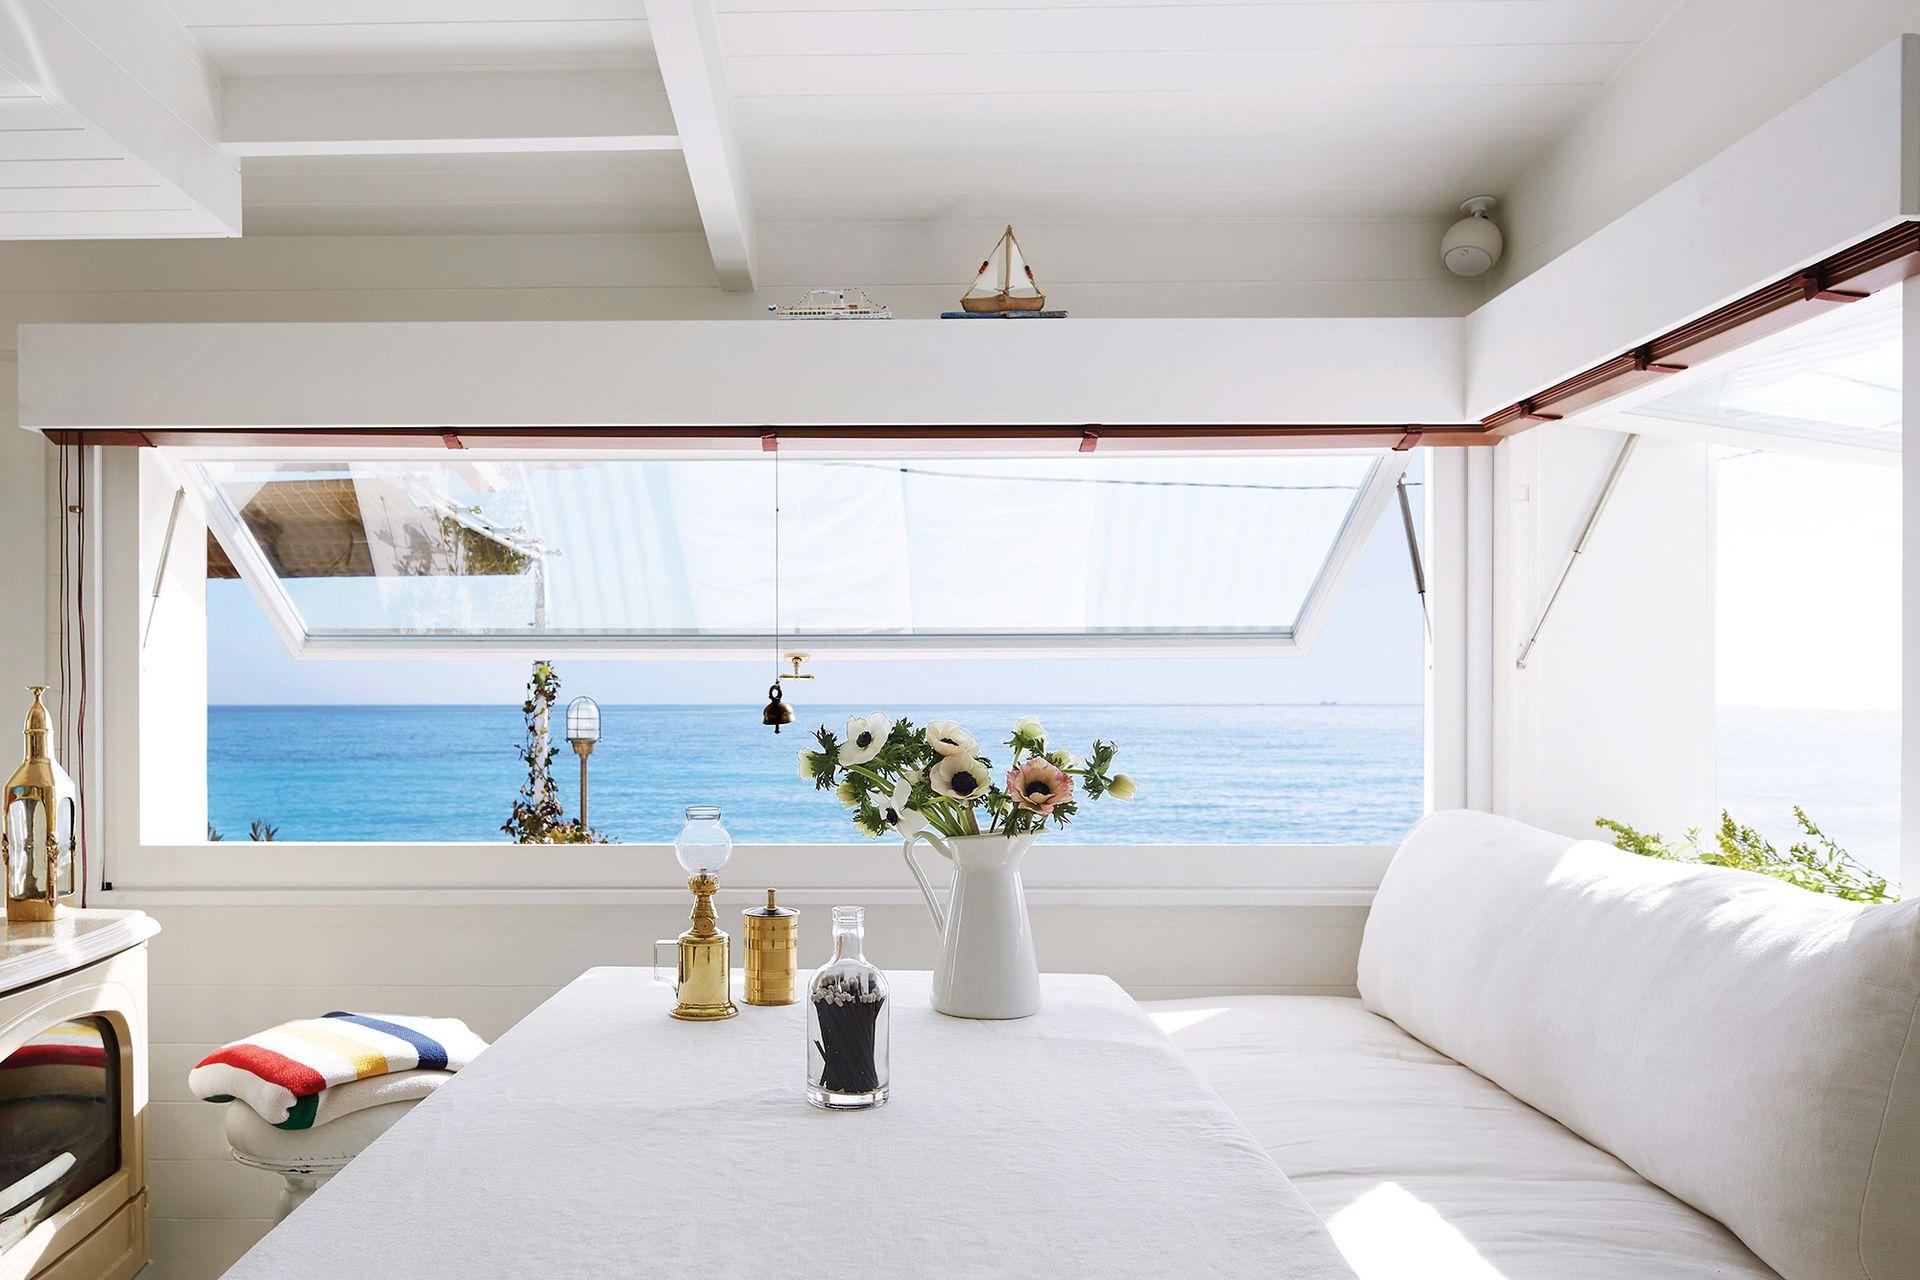 Perpendiculares, dos ventanas batientes con apertura telescópica toman el rincón con vista. Para asimilarlas al clima de hogar, cenefas que ocultan las persianas de madera.